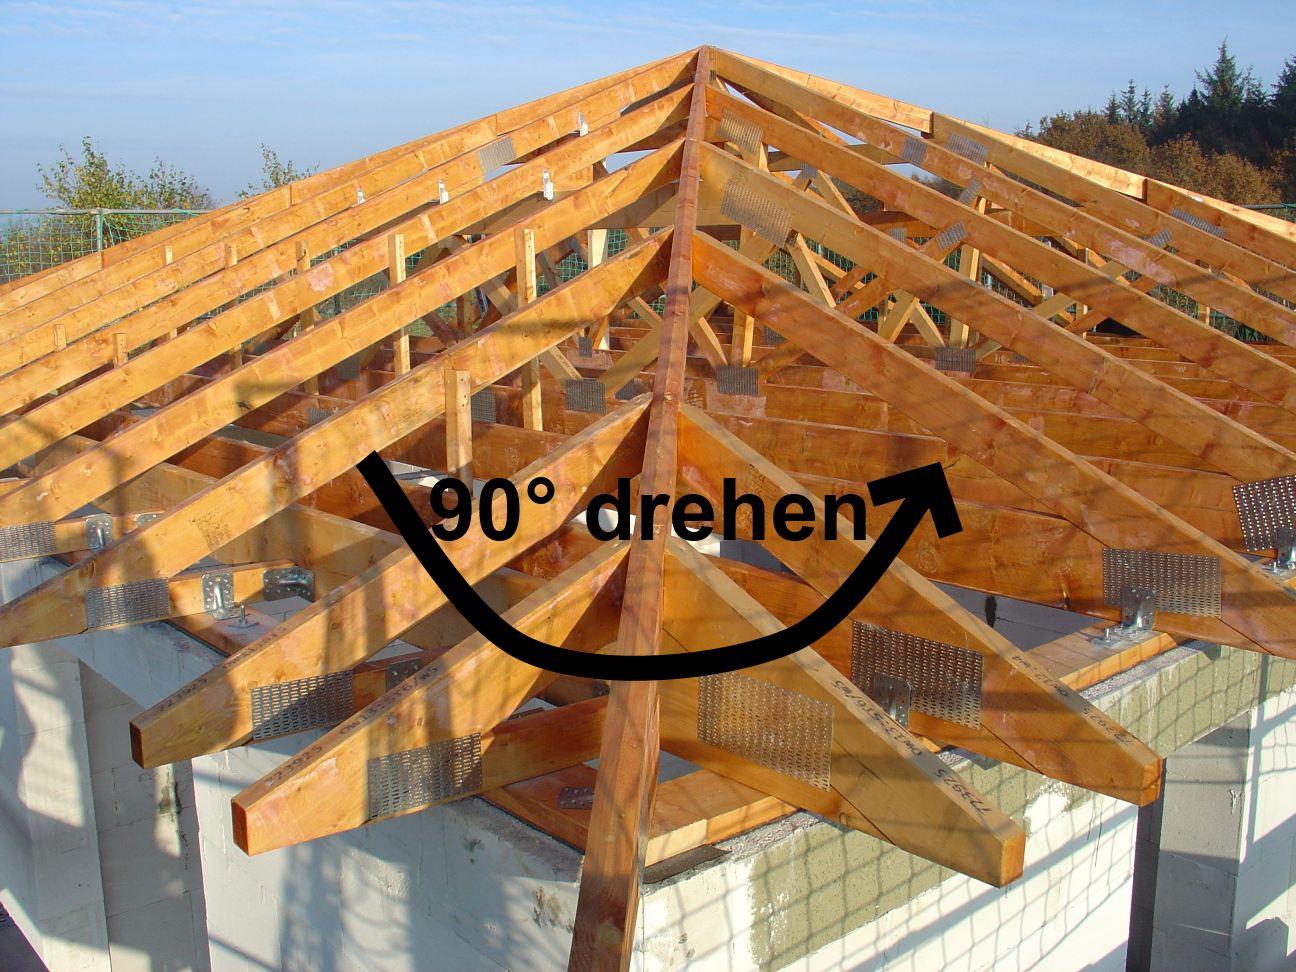 Um Der Statik Unterschiedliche Ringbalken Gerecht Zu Werden Muss Dachstuhl 90 Gedreht Da Bin Ich Mal Gespannt